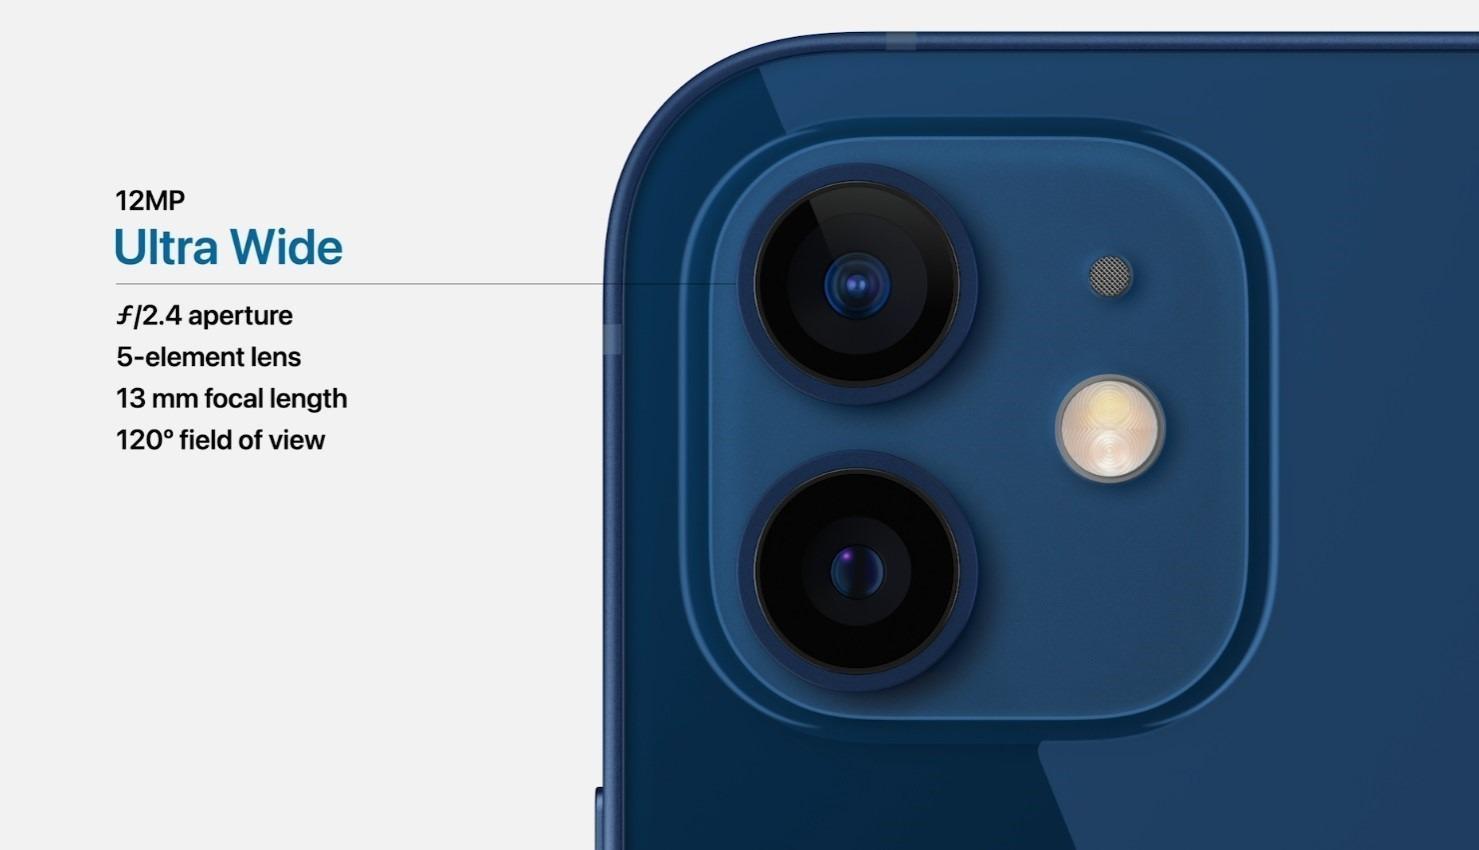 苹果发布iPhone 12 更轻更薄 内置A14 Bionic芯片 支持5G的照片 - 16